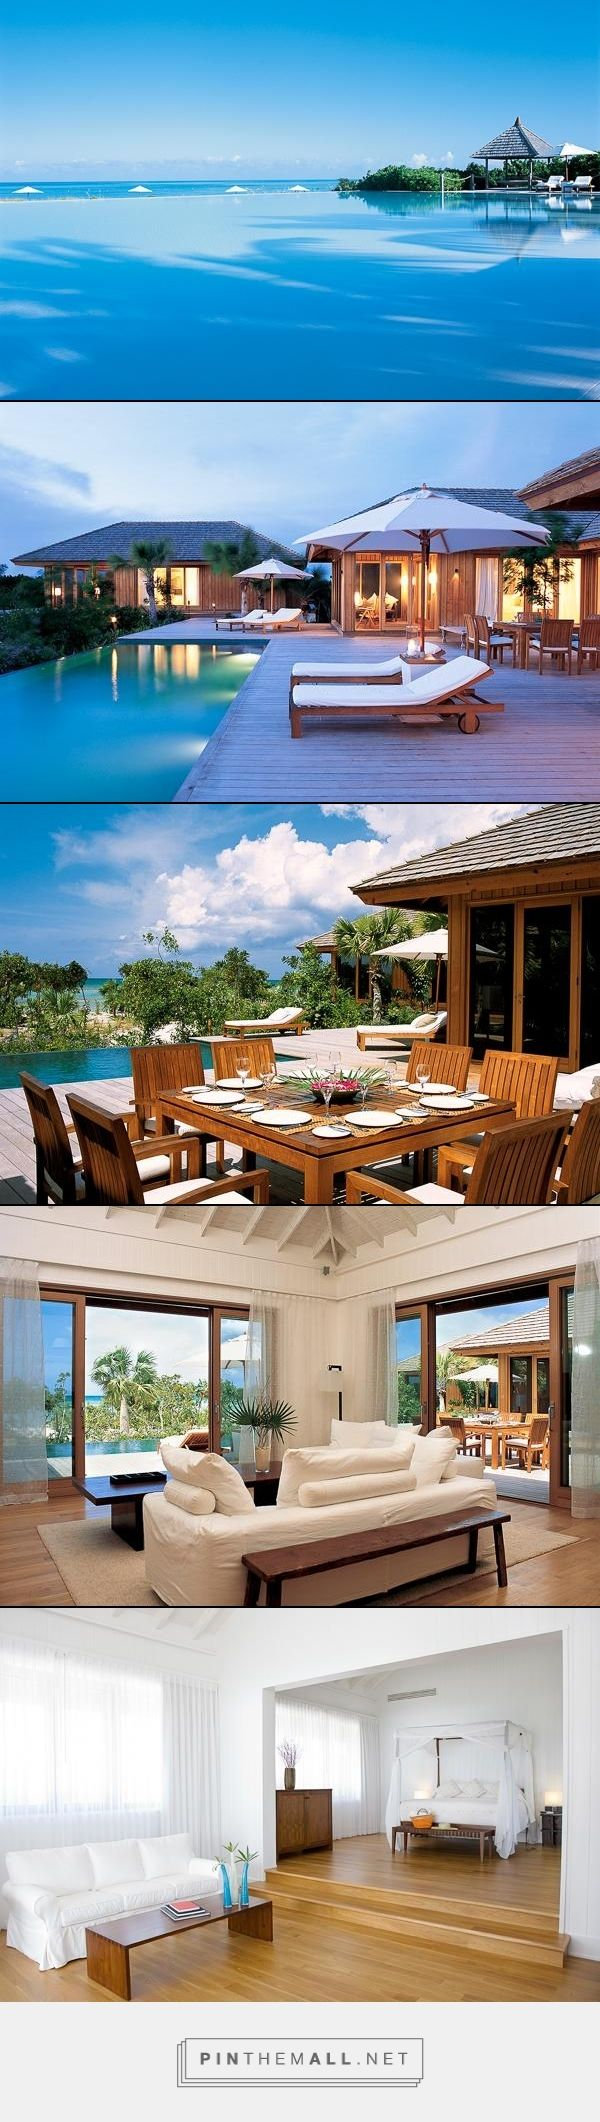 Villa Rocky Point  Parrot Cay, Turks U0026 Caicos  WIMCO Villas, 3 Bed